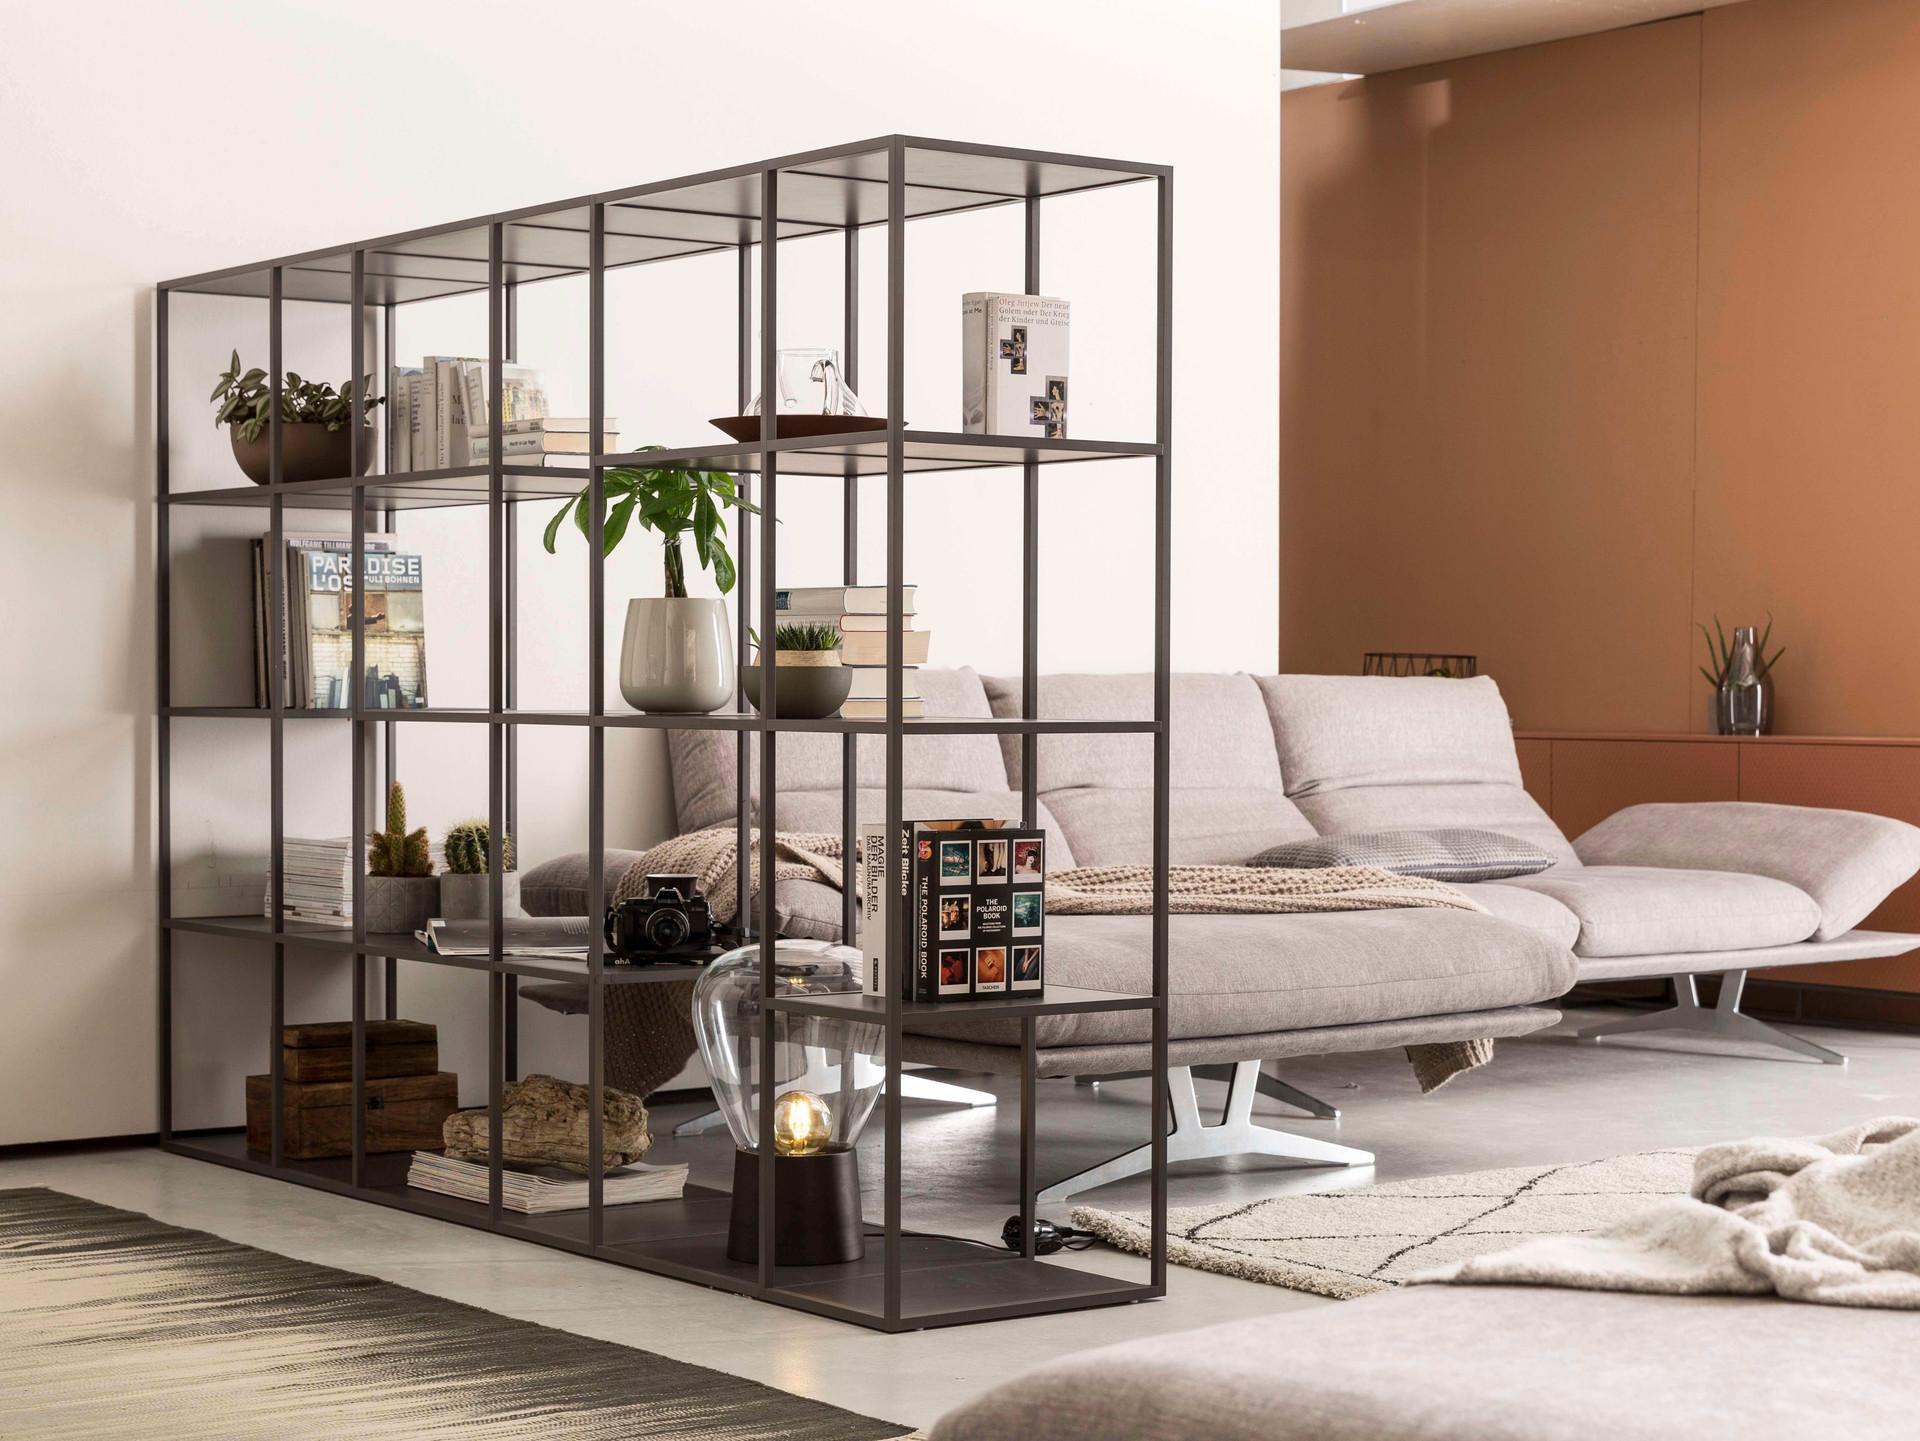 Wohnzimmer Raumteiler Trennwand